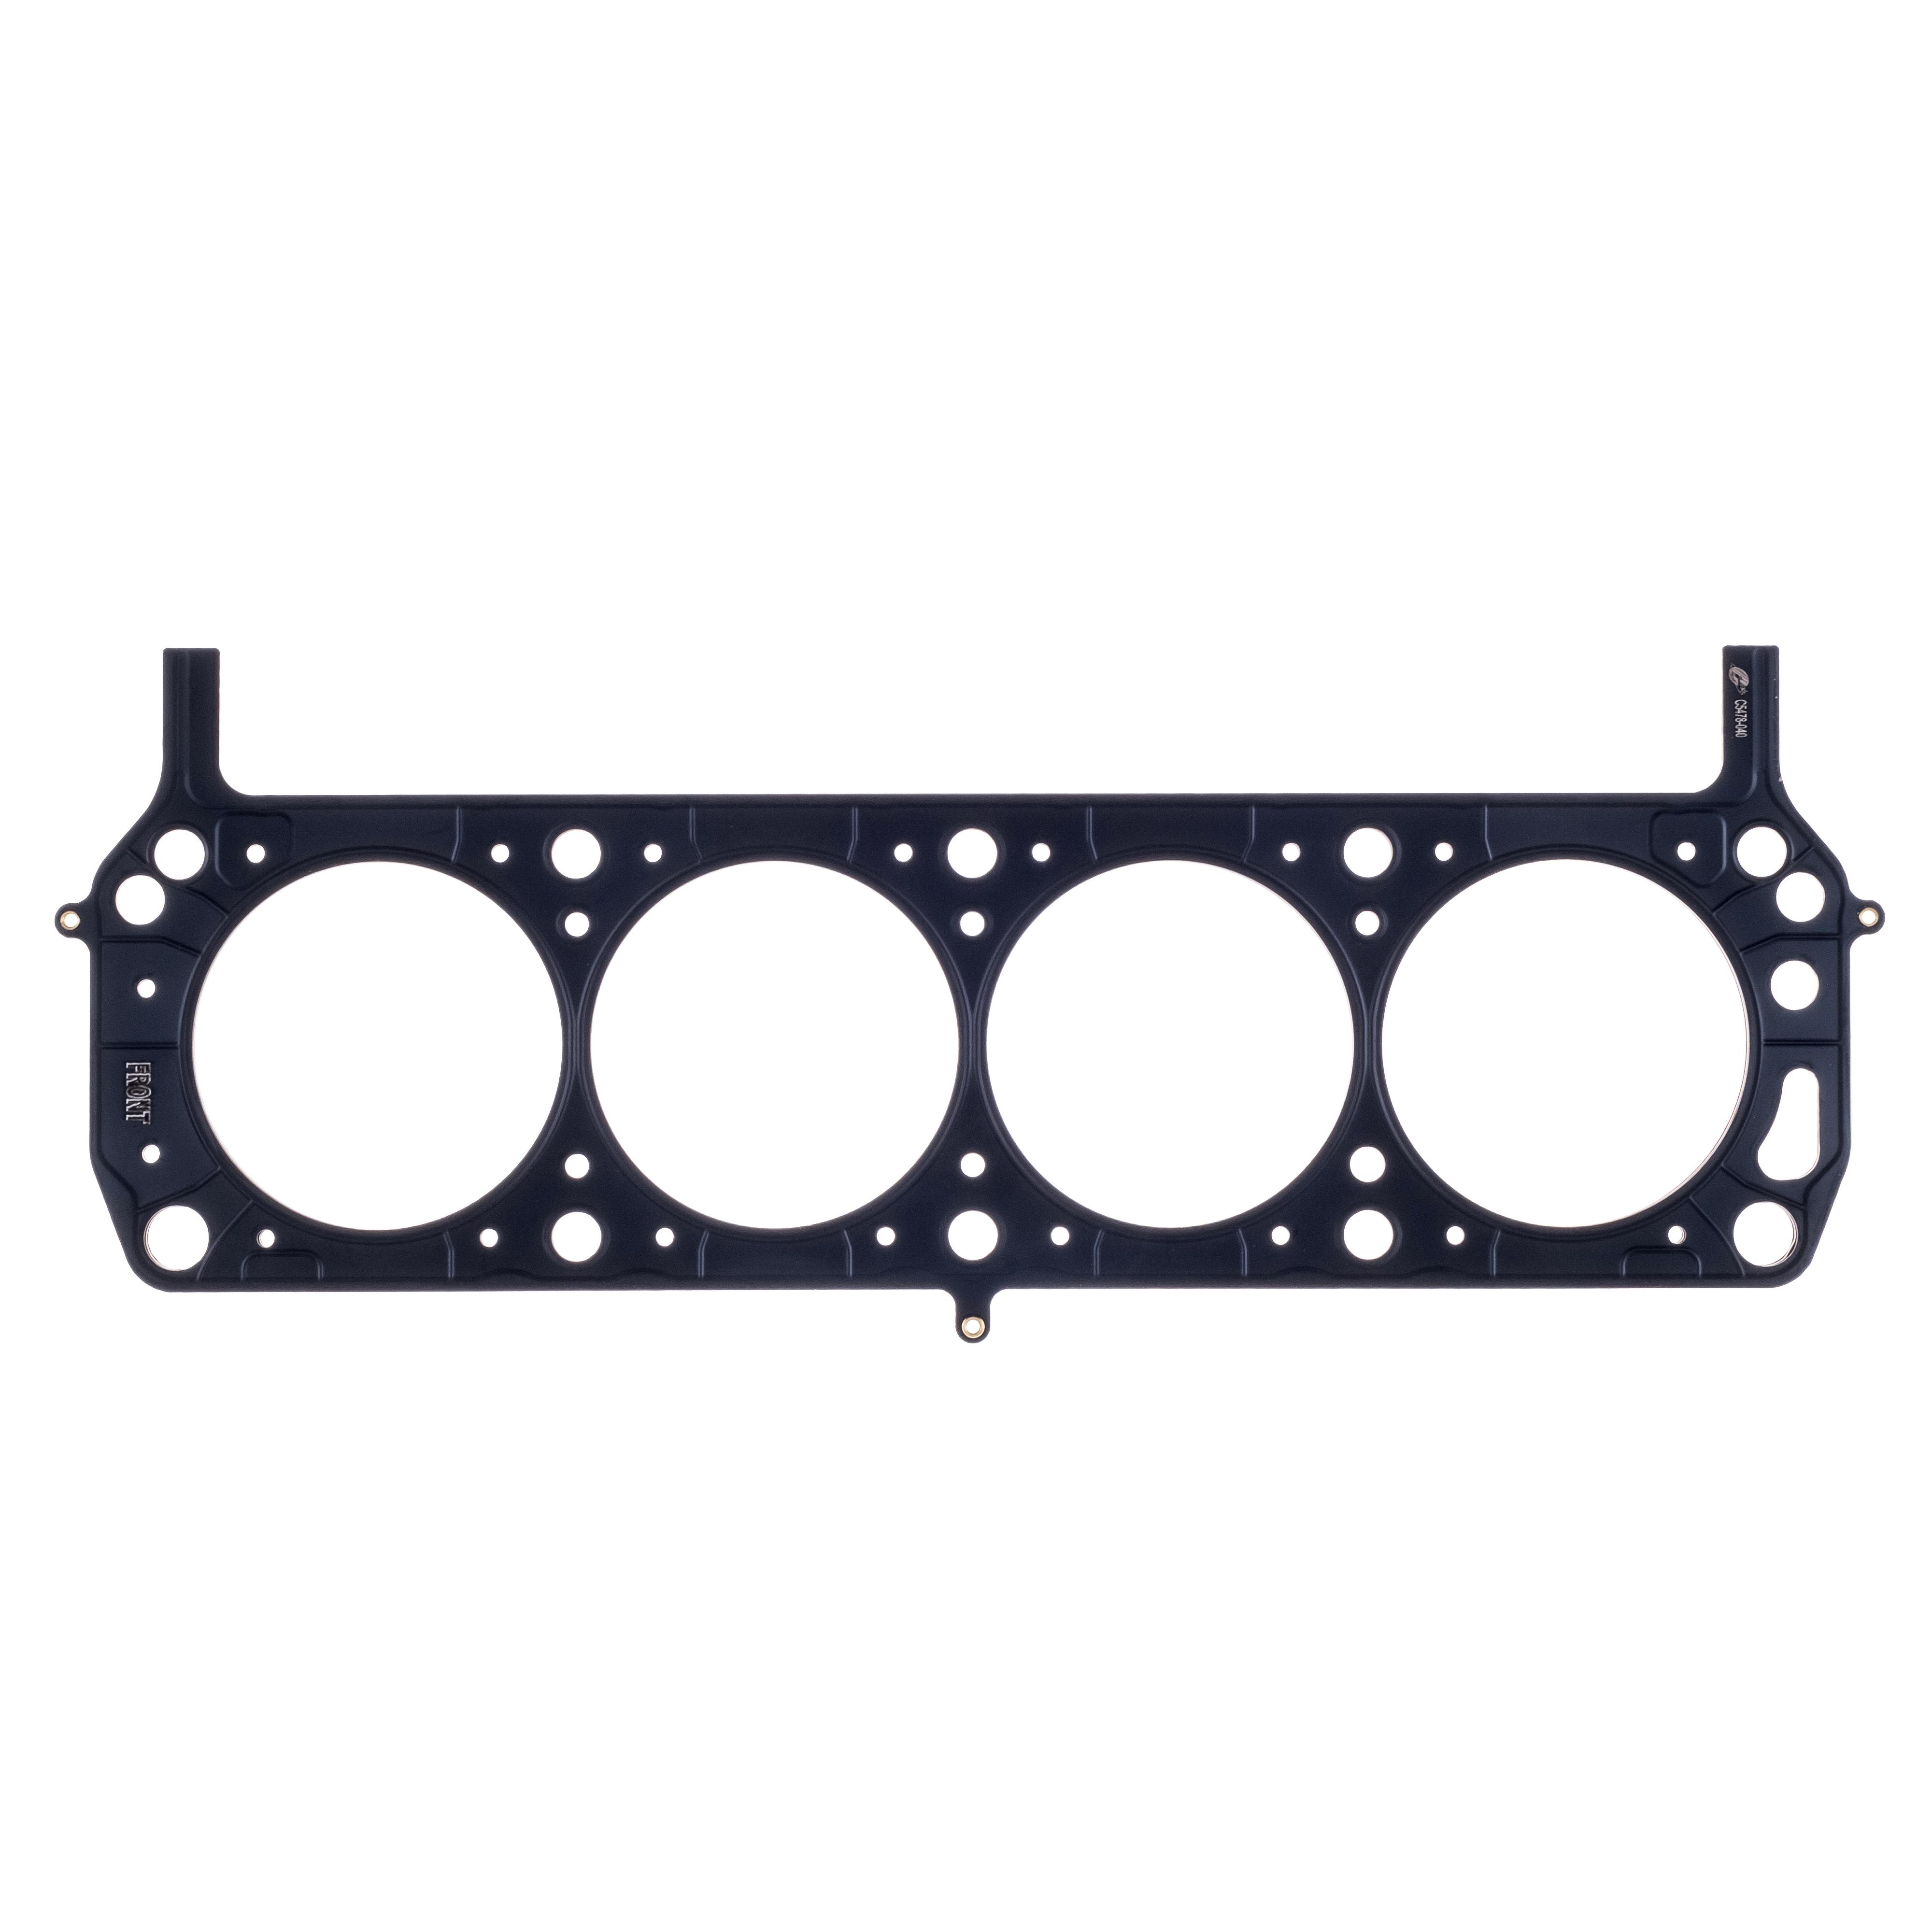 Ford 302 351w Windsor V8 027 Mls Cylinder Head Gasket 4 030